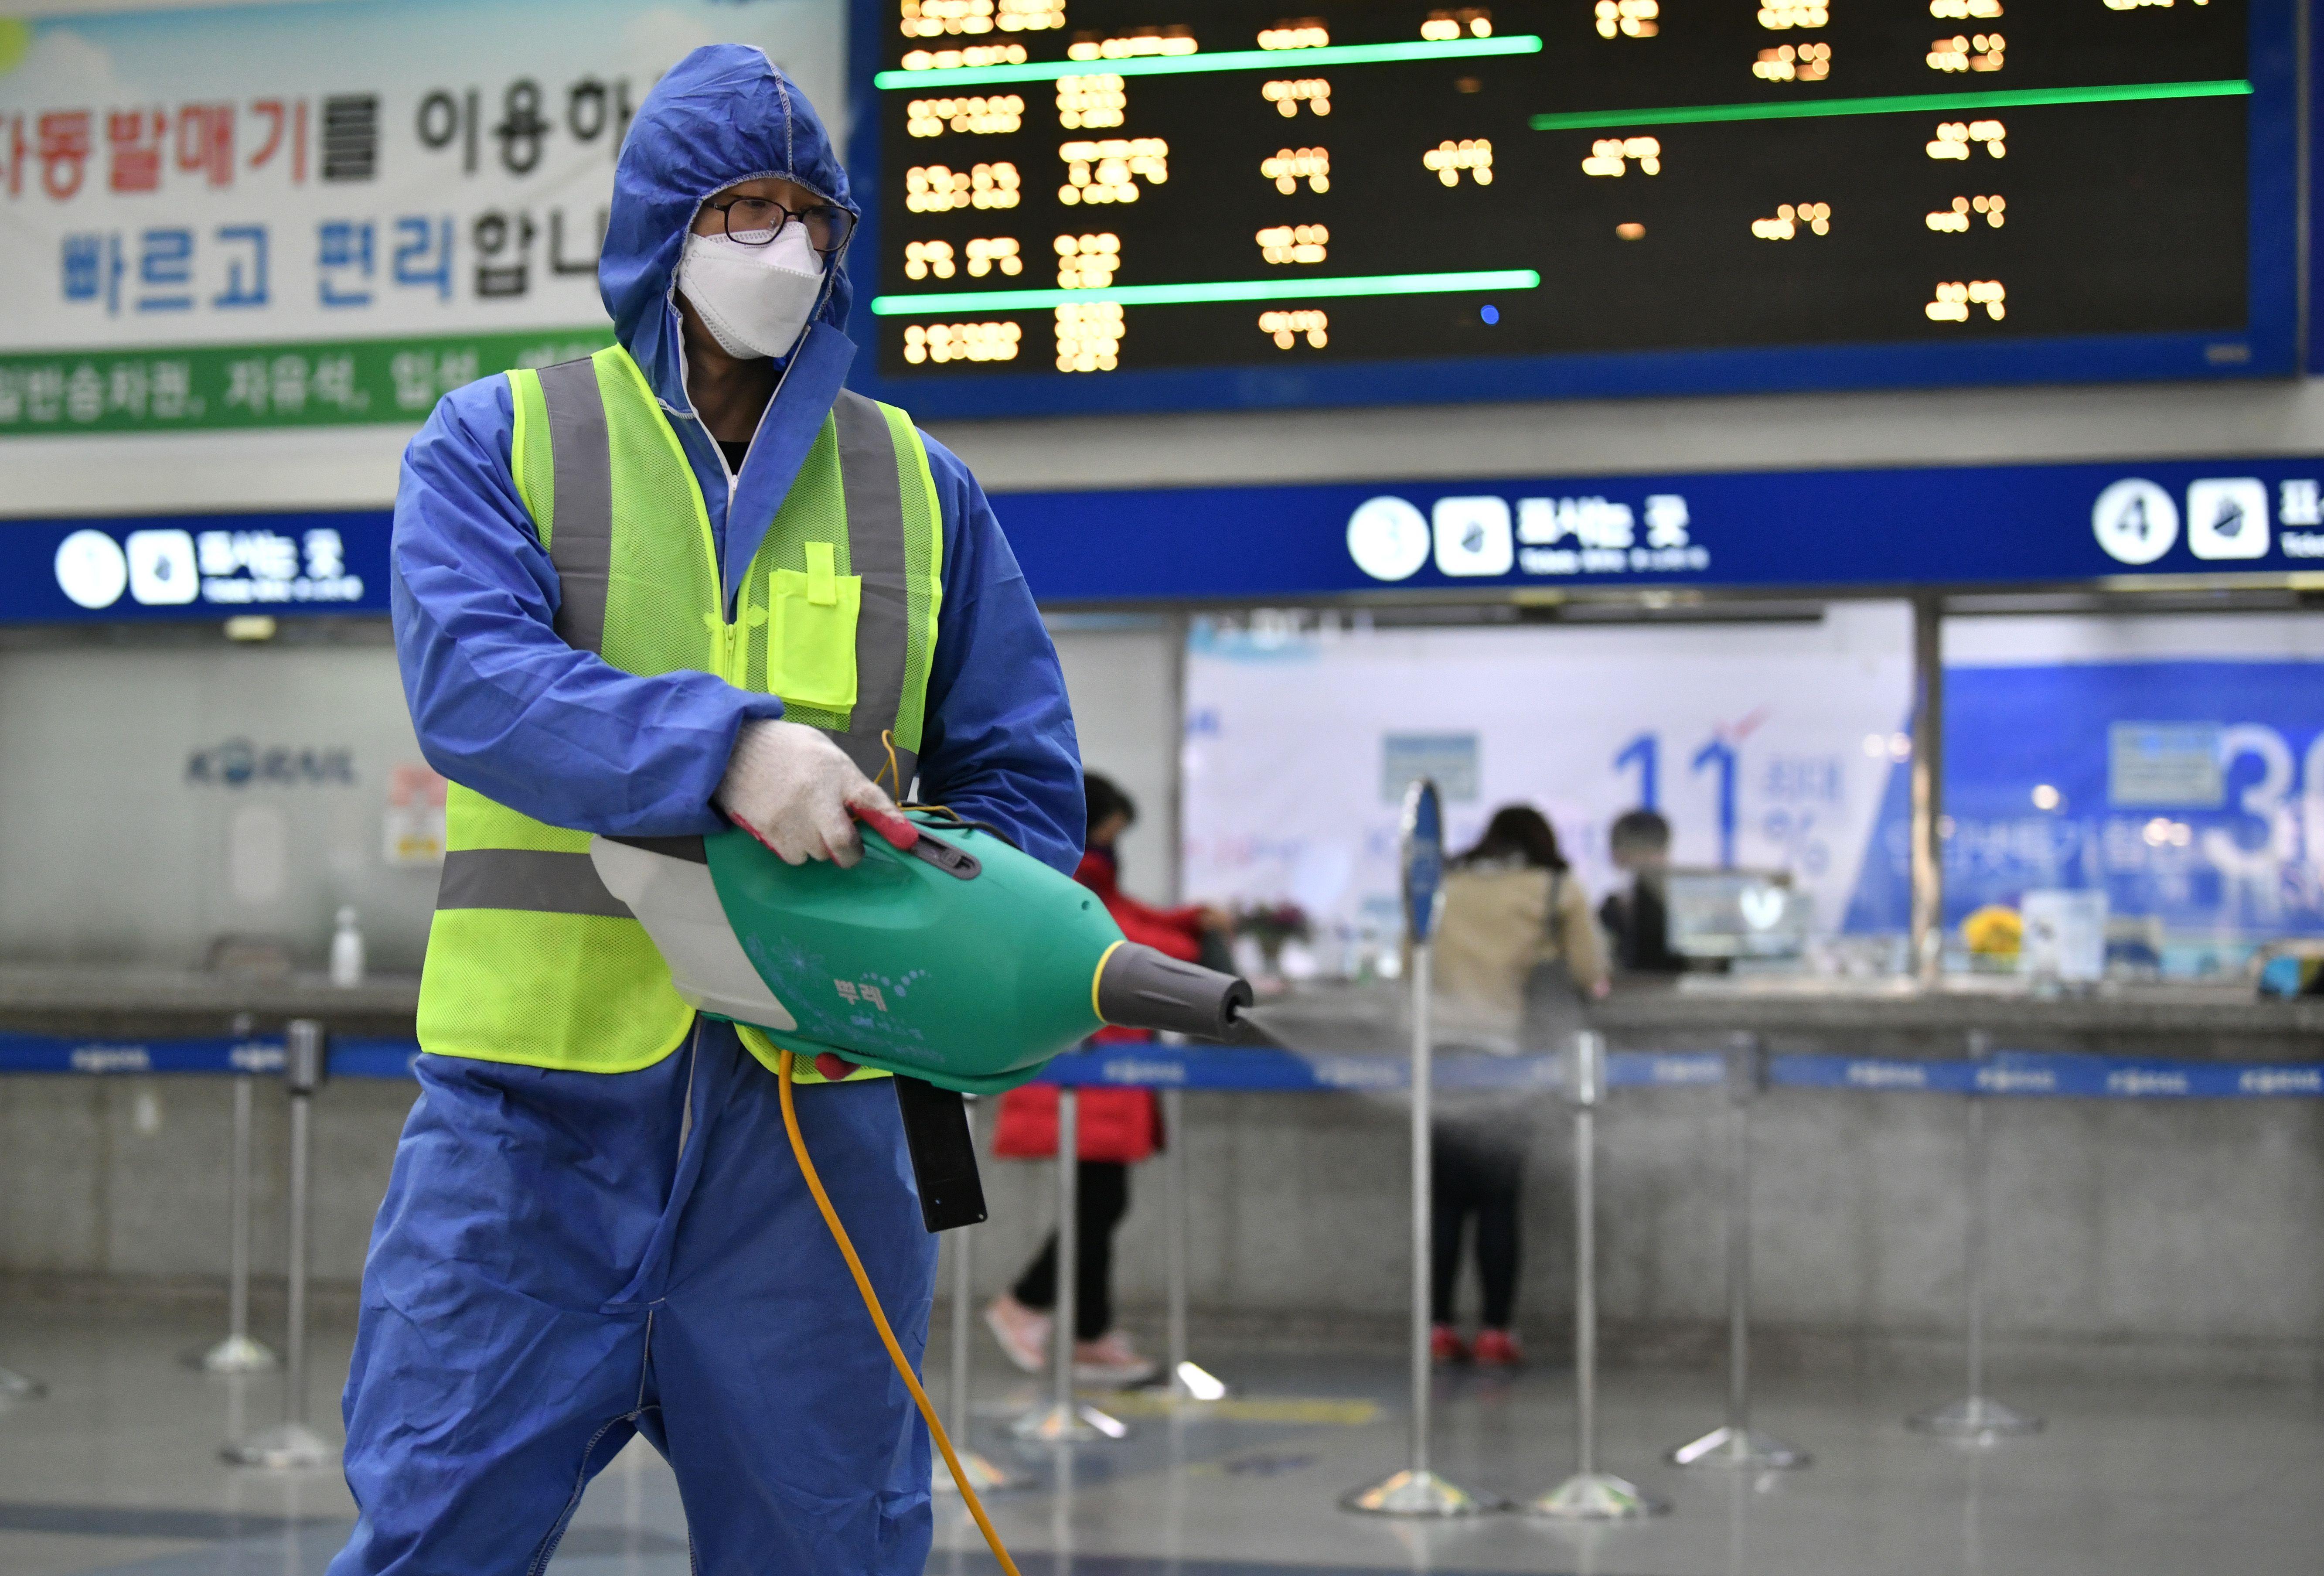 台醫師:中國數據可信度低 使日韓意輕忽防疫